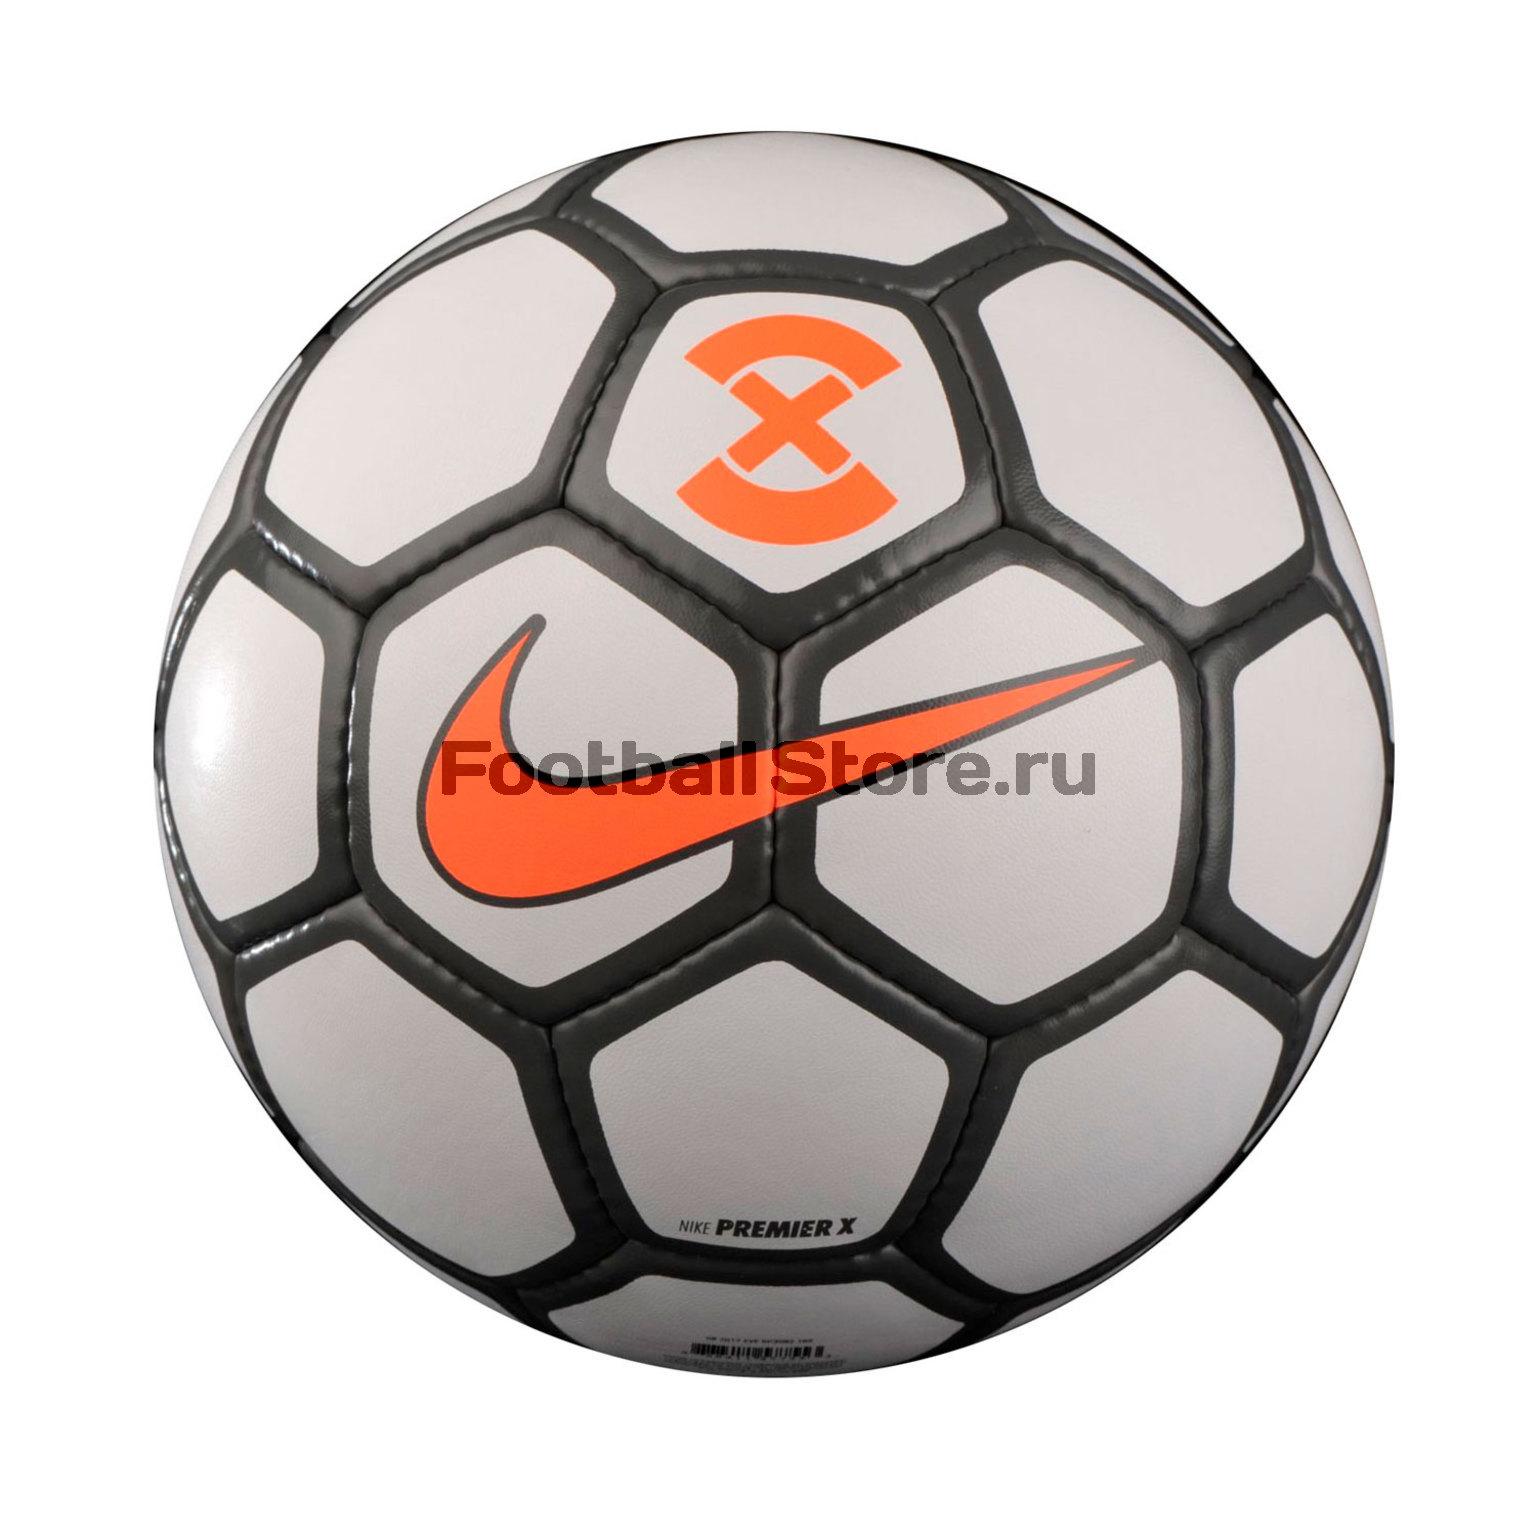 Футзальные Nike Мяч футзальный Nike Premier X SC3092-102 мяч футбольный nike premier team fifa р 5